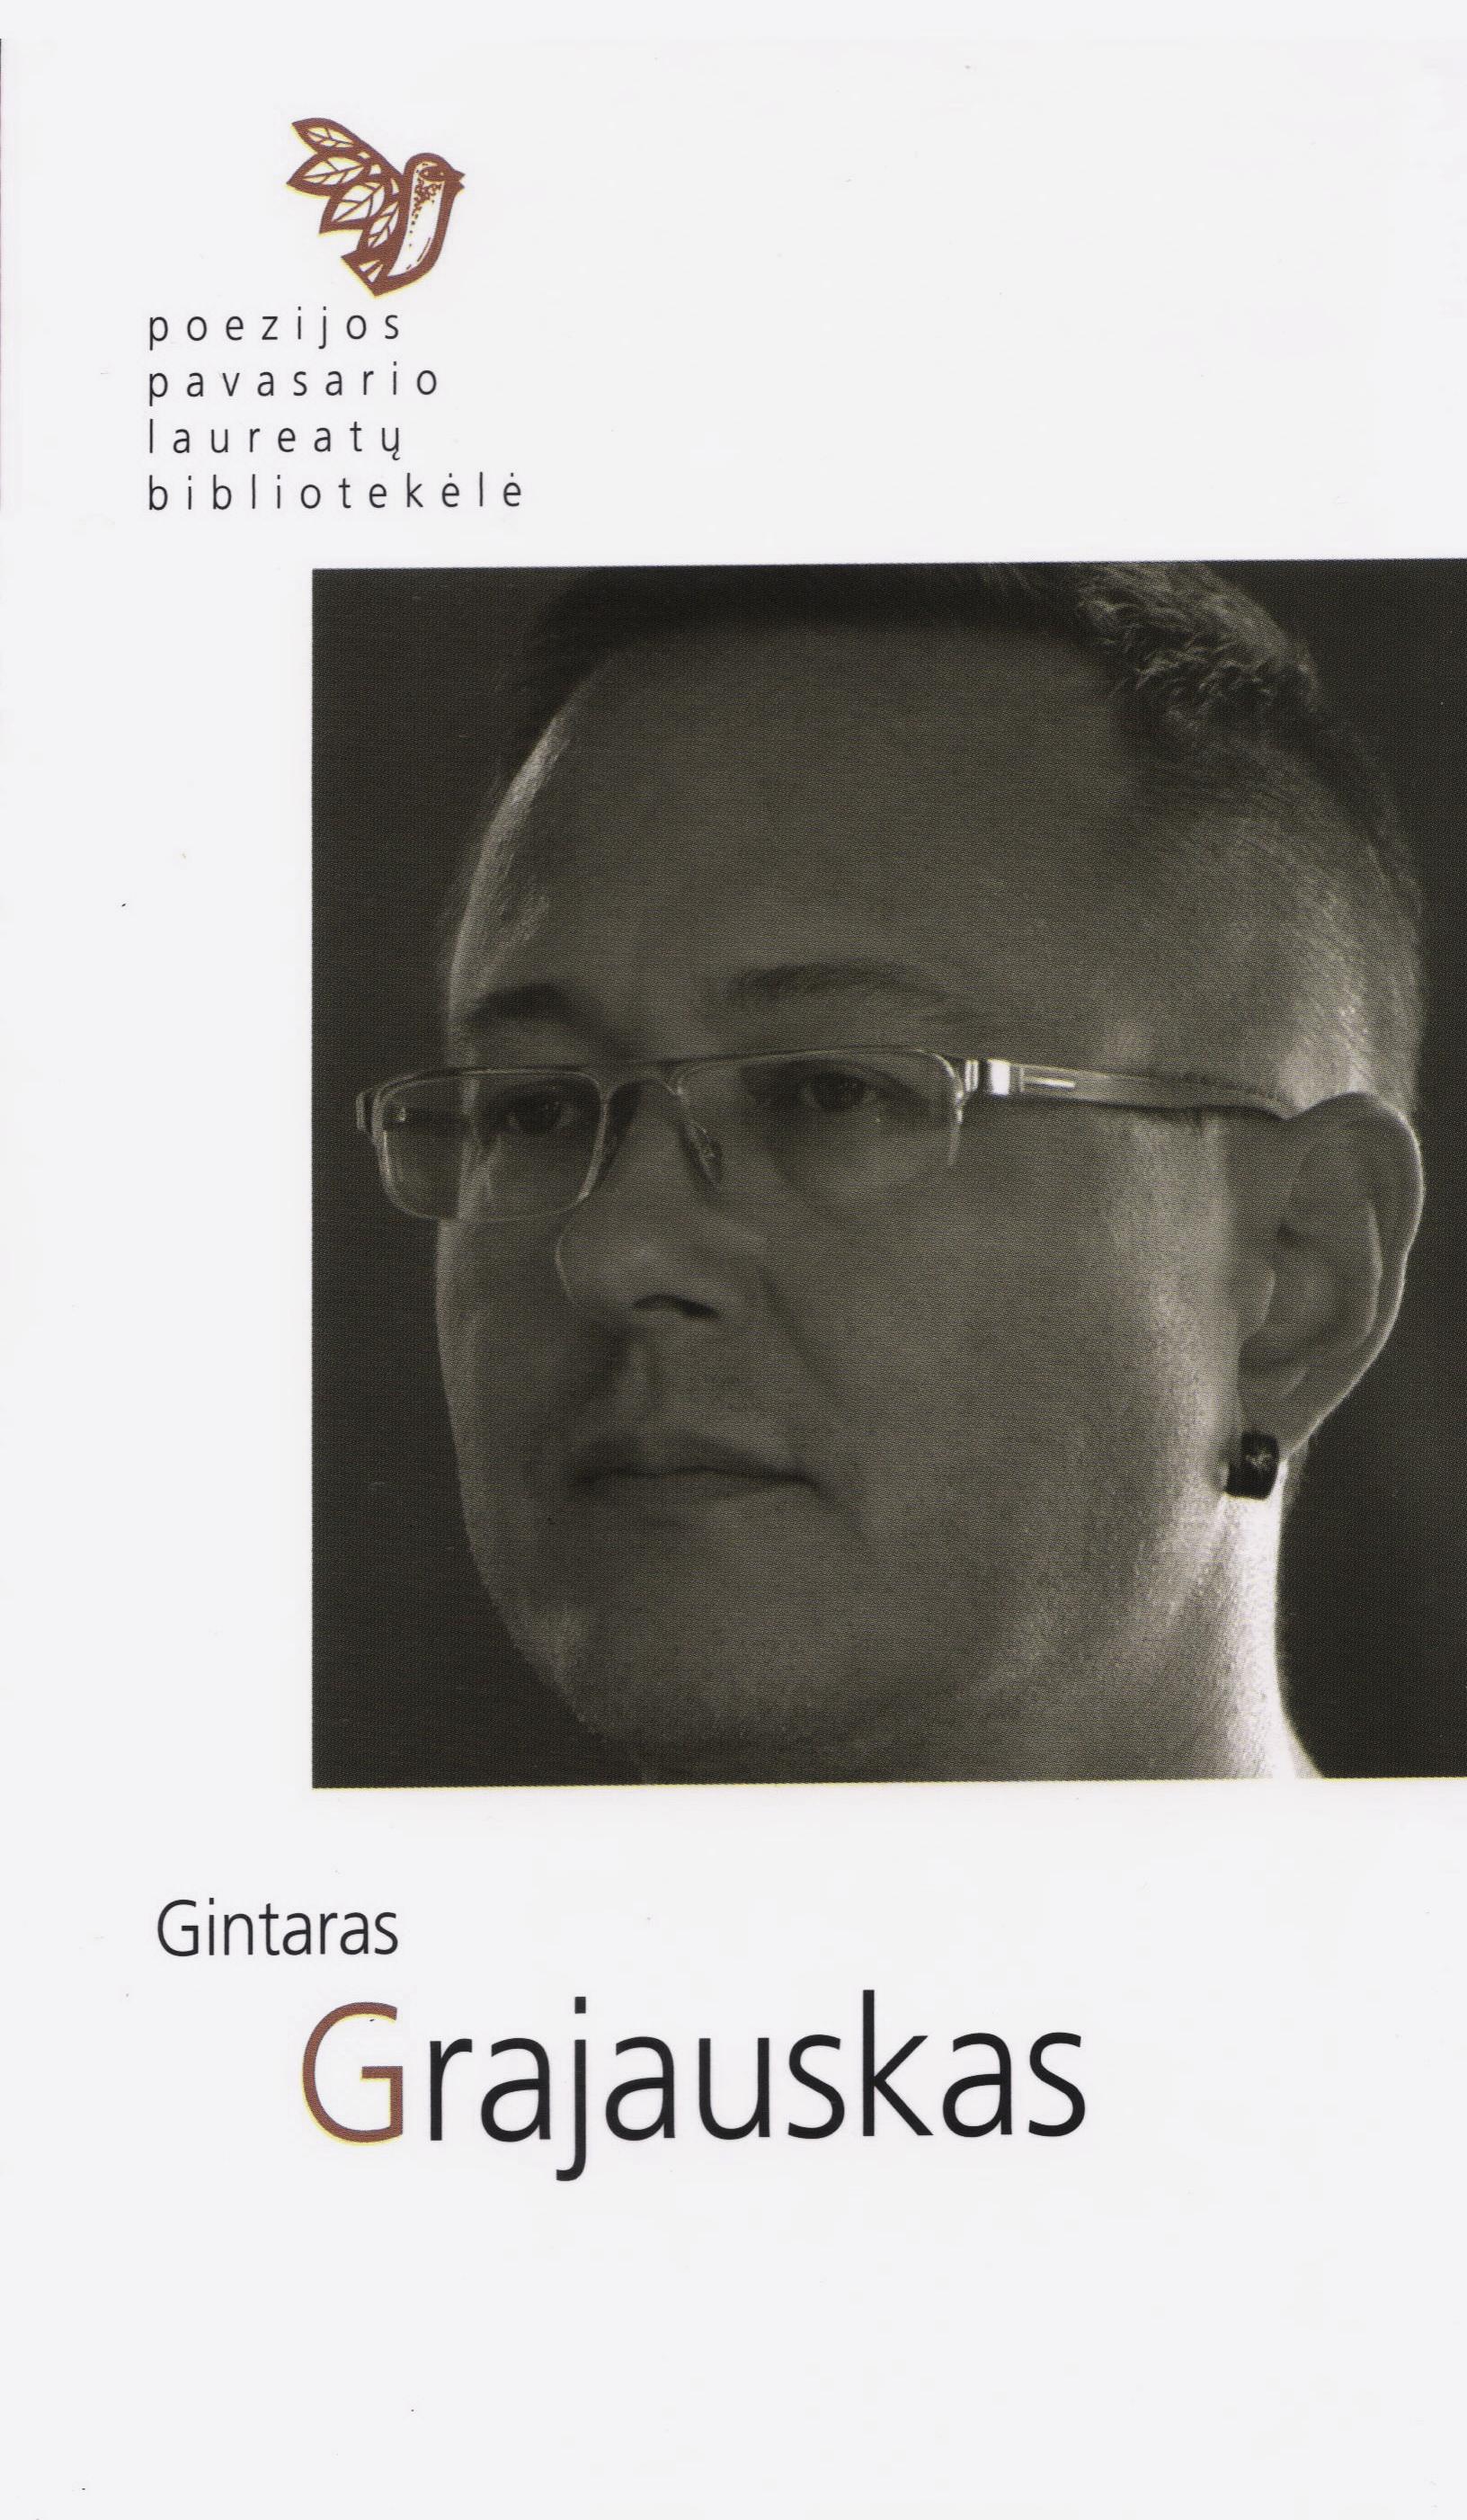 Poezijos pavasario laureatų bibliotekėlė. Gintaras Grajauskas: eilėraščiai. (Kaunas: Naujasis lankas: Kauno meno kūrėjų asociacija, 2018)